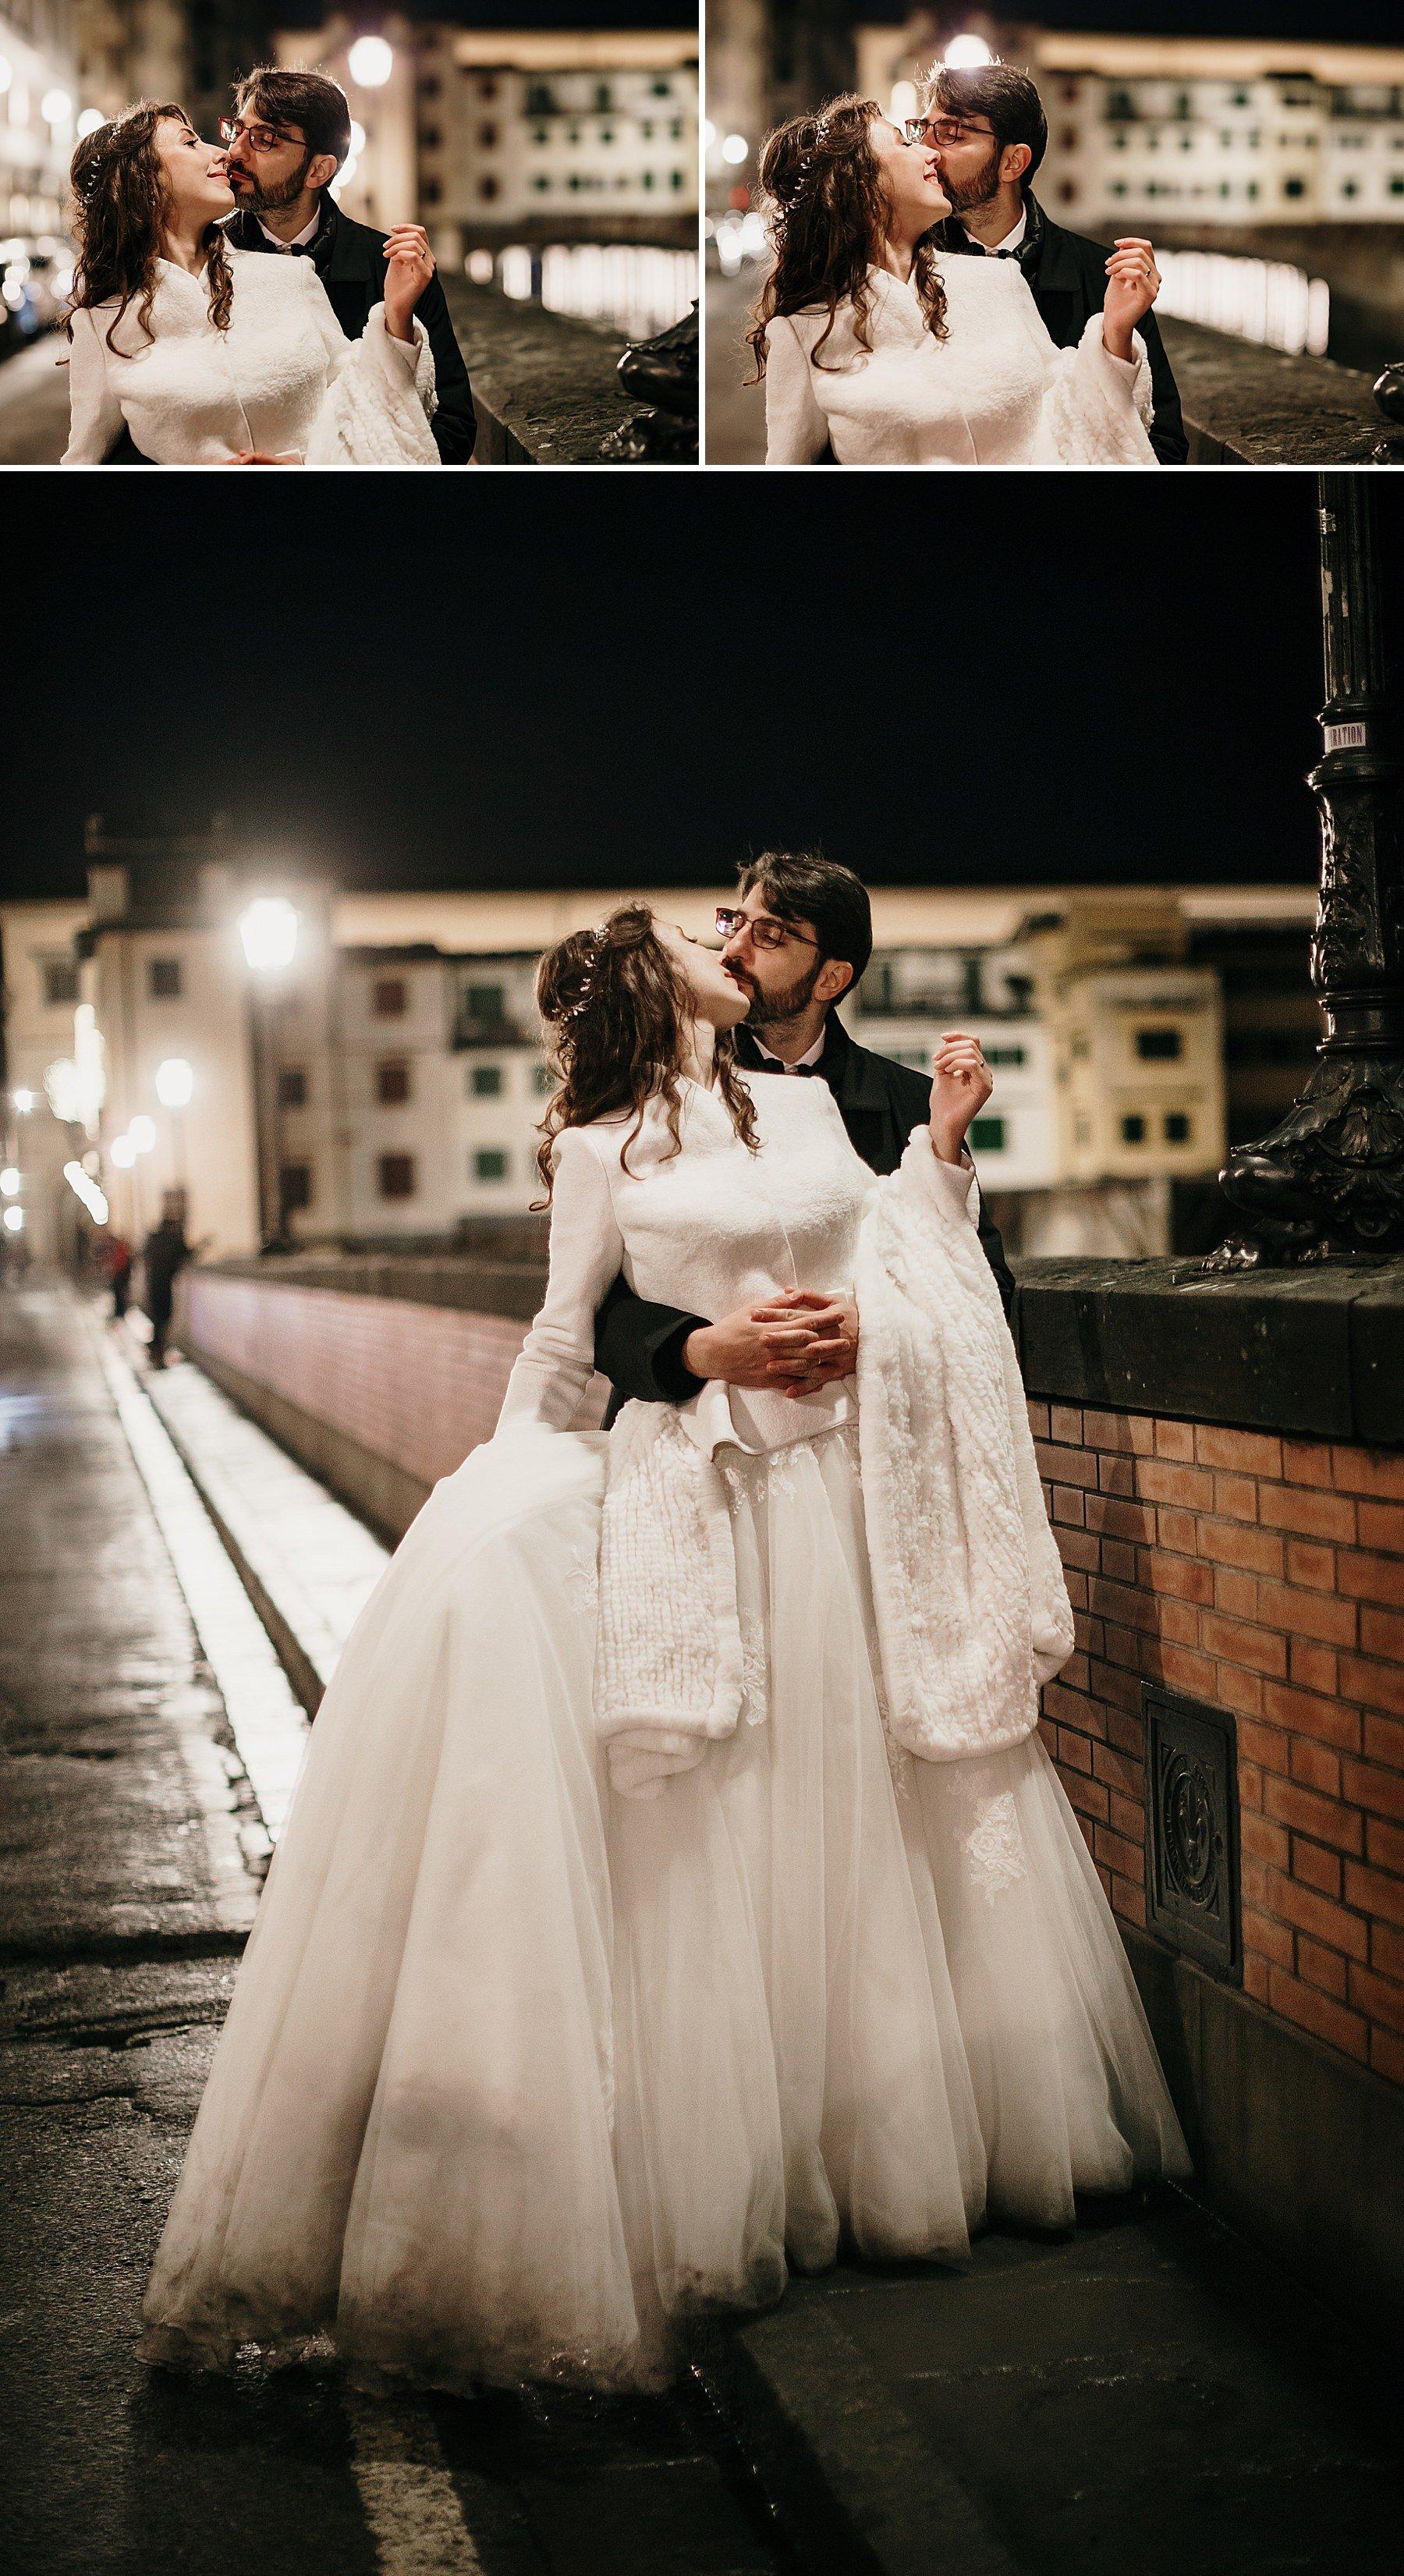 fotografia di matrimonio a firenze in inverno 777